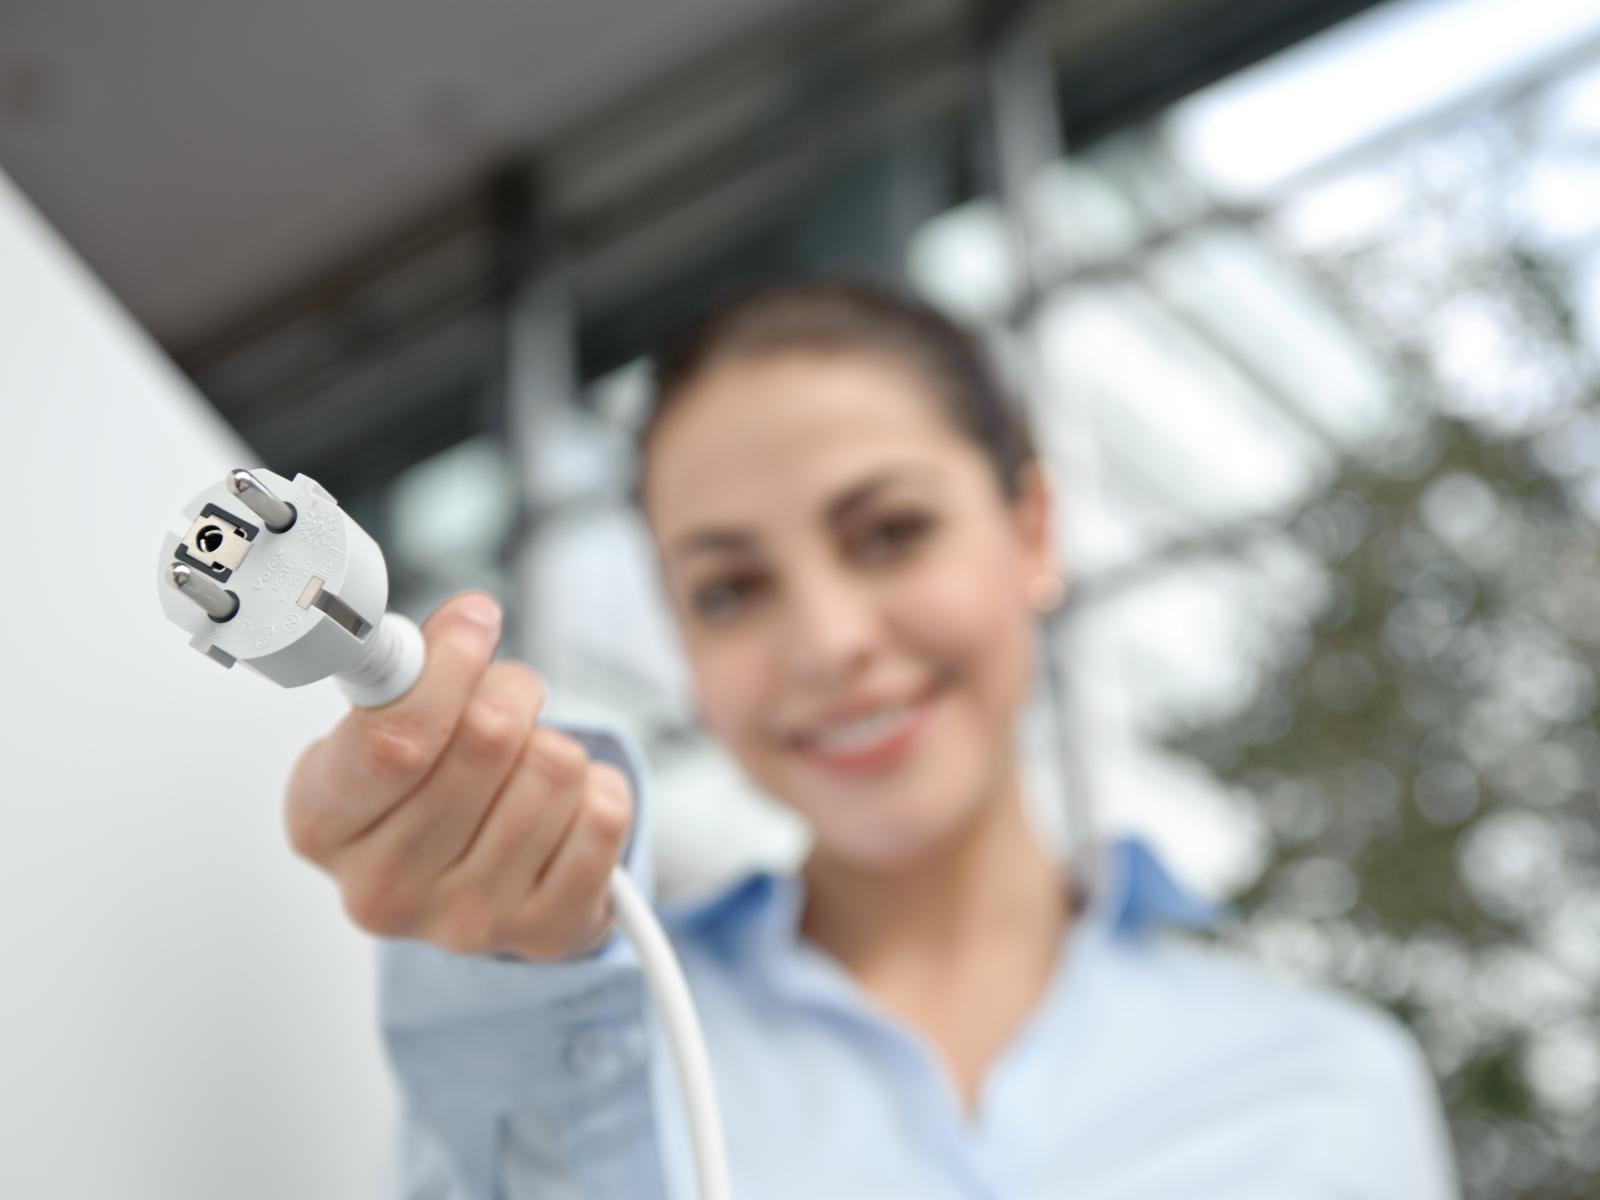 Messgeräte leihen - Für Energiesparer.